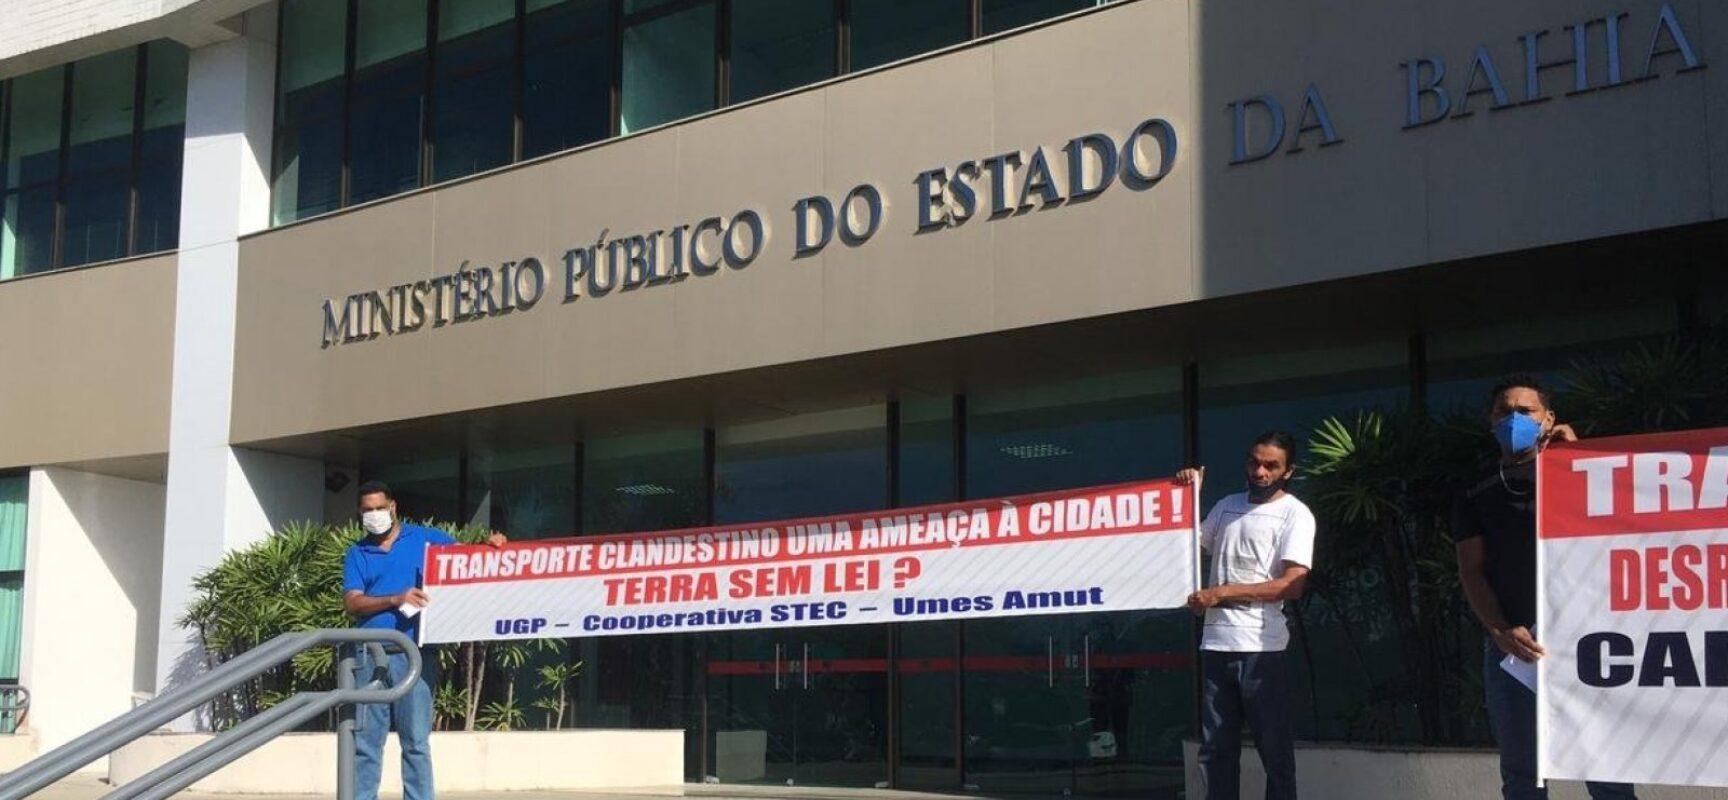 Após pressão popular, Ministério Público notifica Estado da Bahia e prefeitura de Salvador para tratar de transporte clandestino